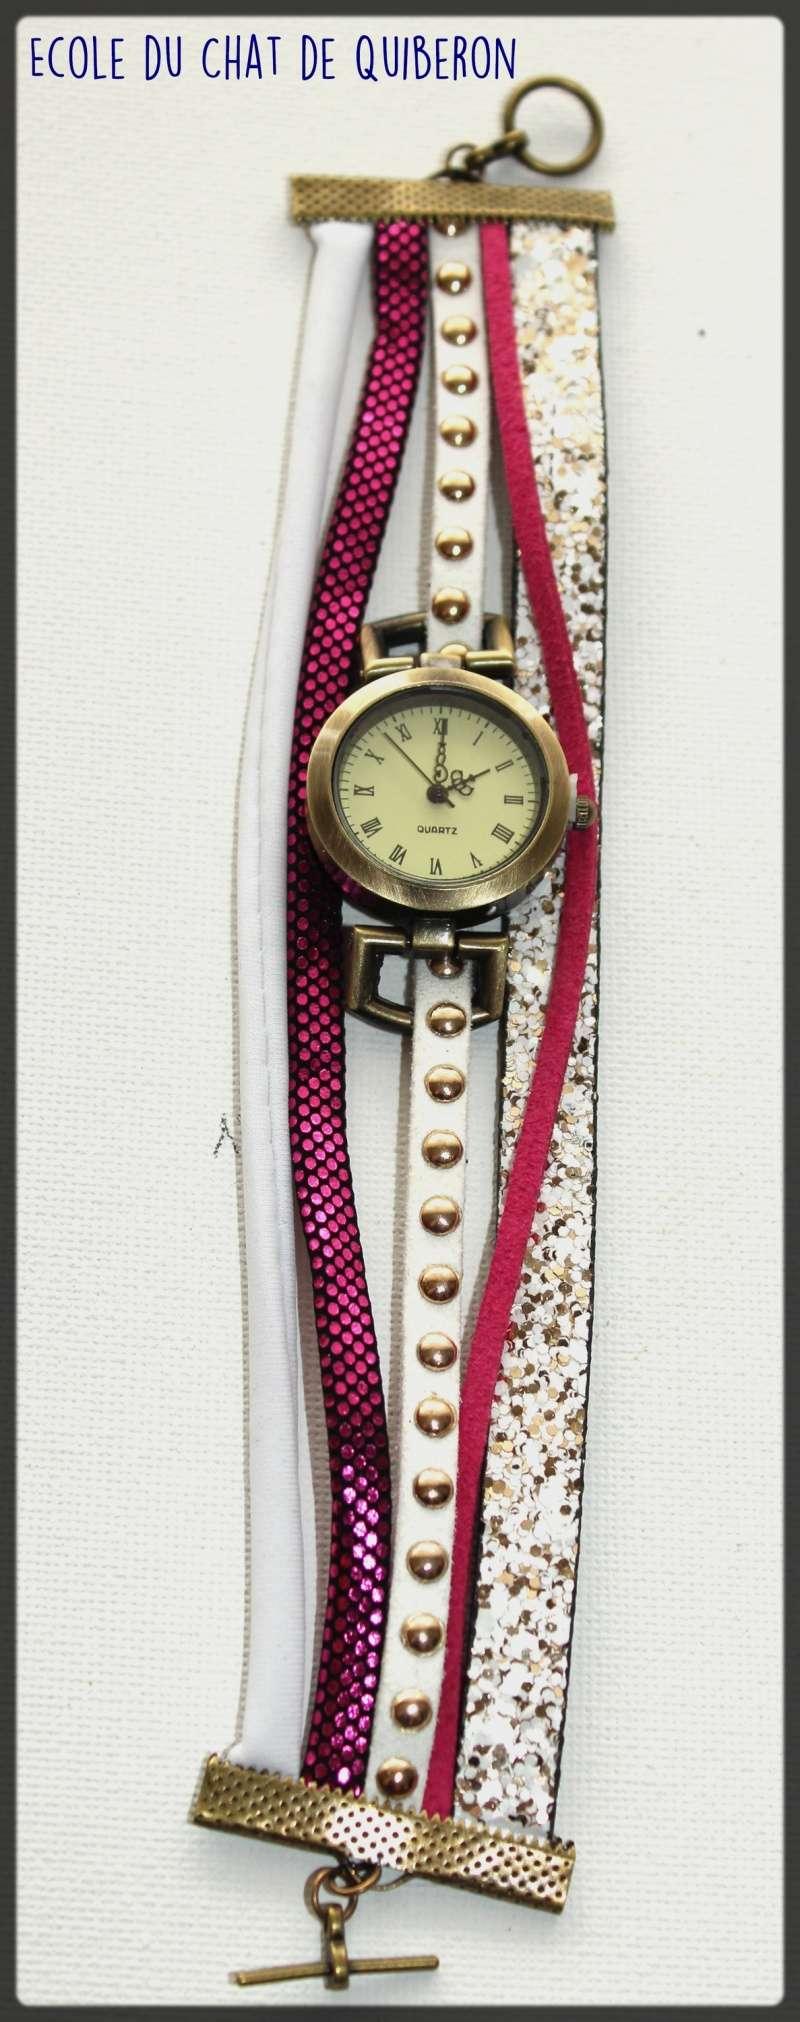 Les montres - 100% Fait-main, au profit de l'ECQ! - Page 4 Img_9722